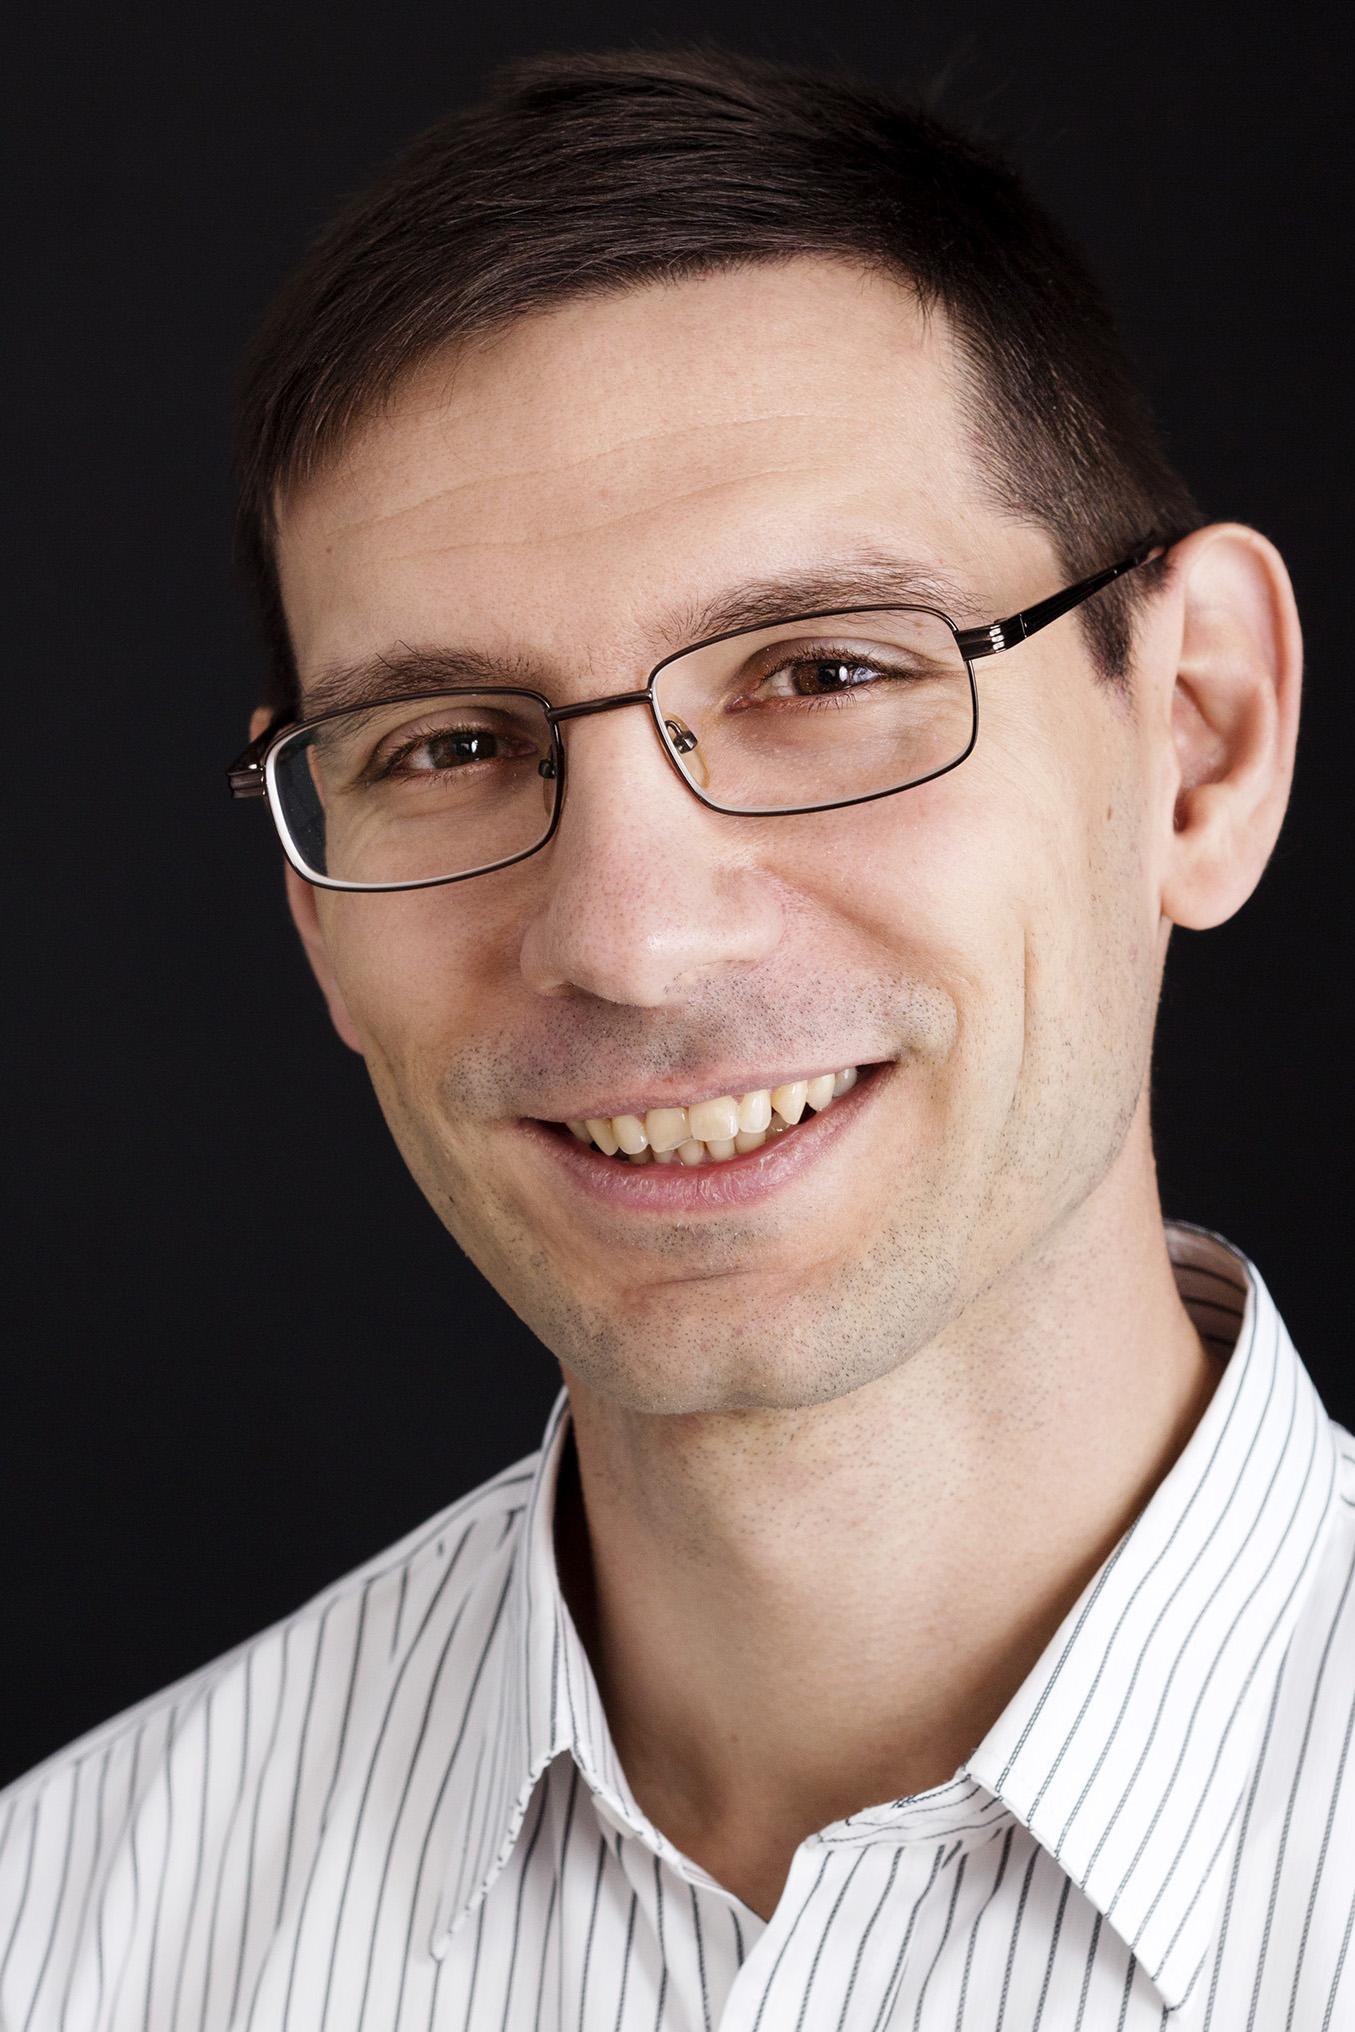 Filip Wiltgren